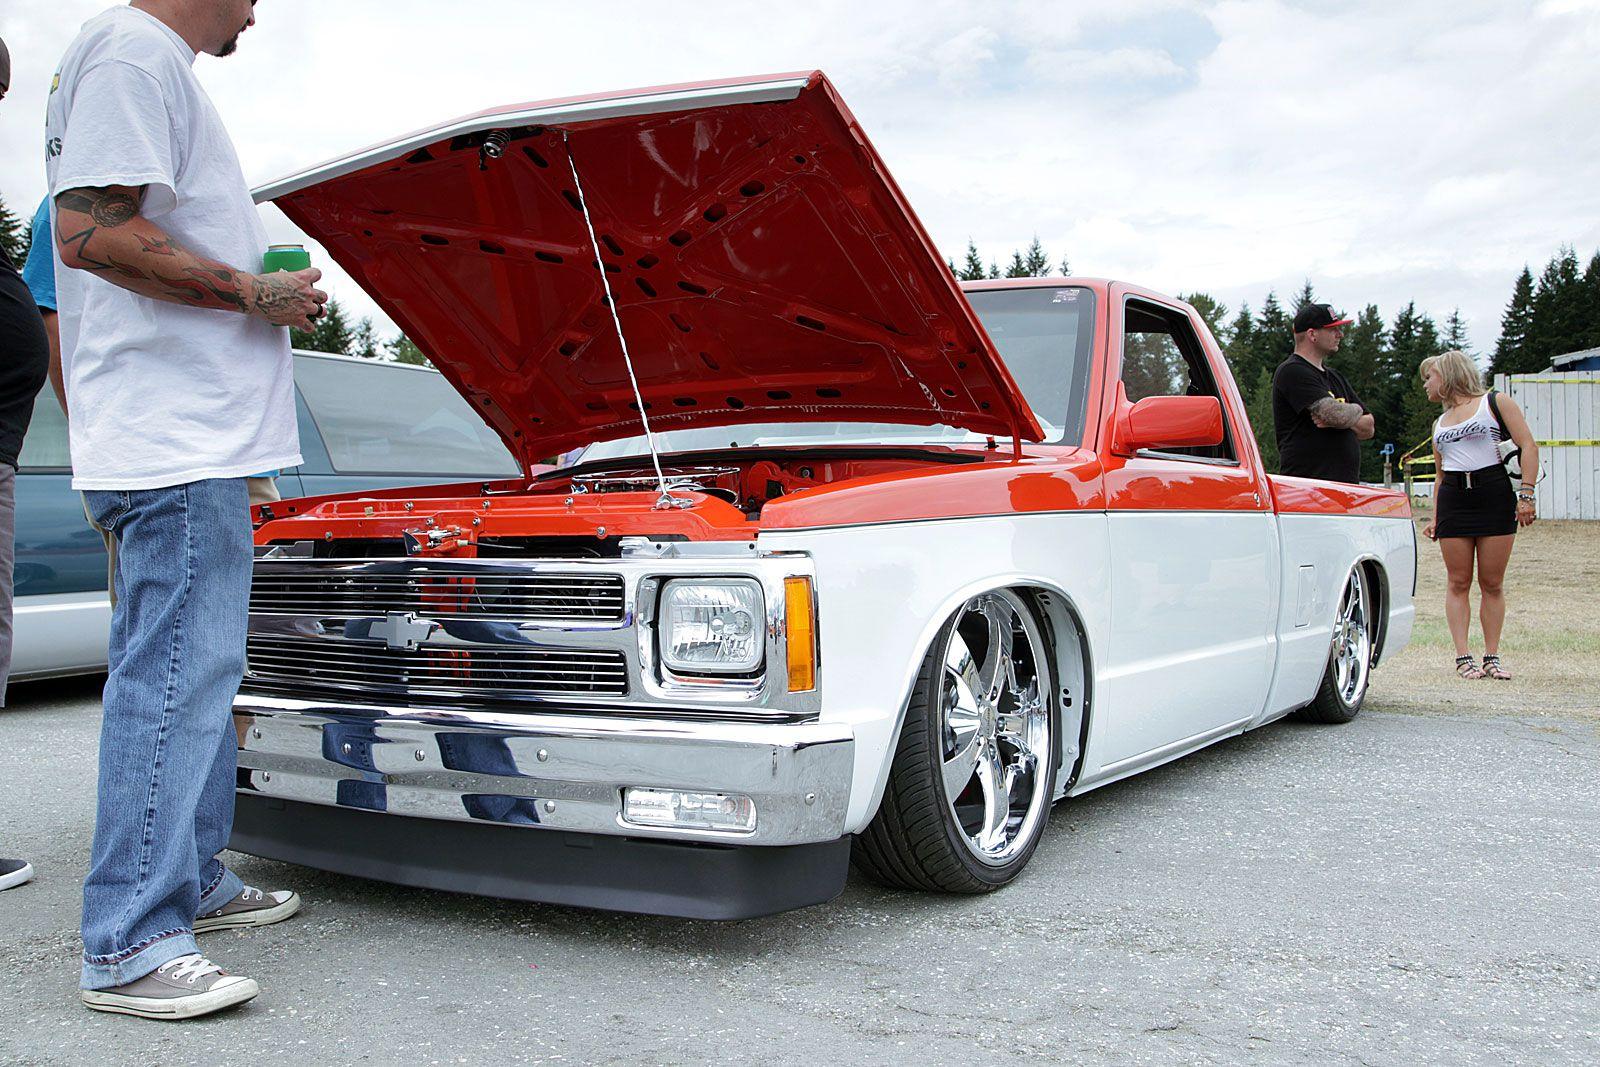 Slammed Chevy s10 | Chevy S10 & GMC S15 Pickups! | Pinterest ...